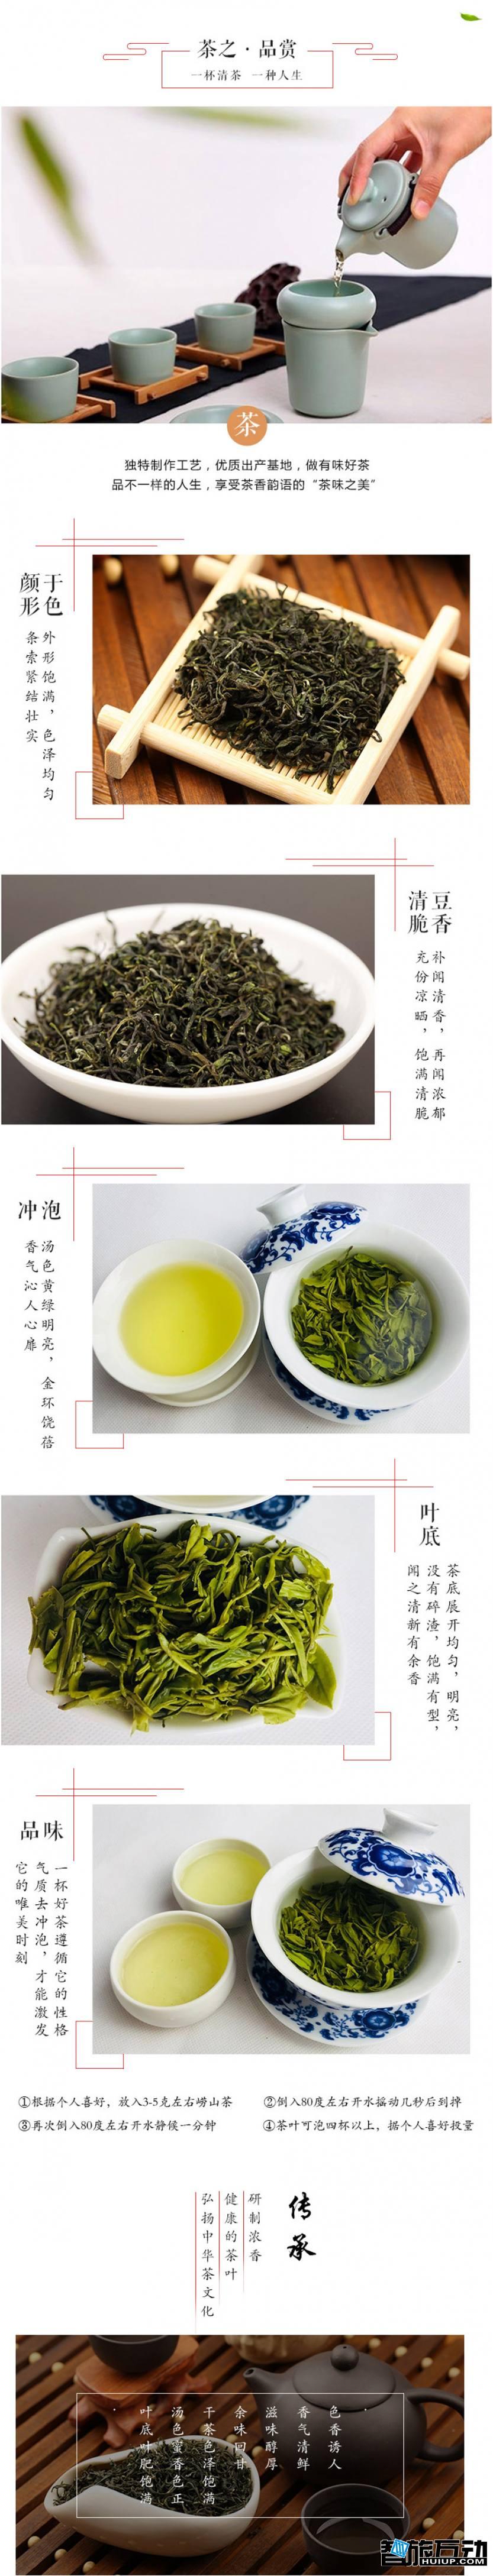 崂山绿茶 冲泡方法